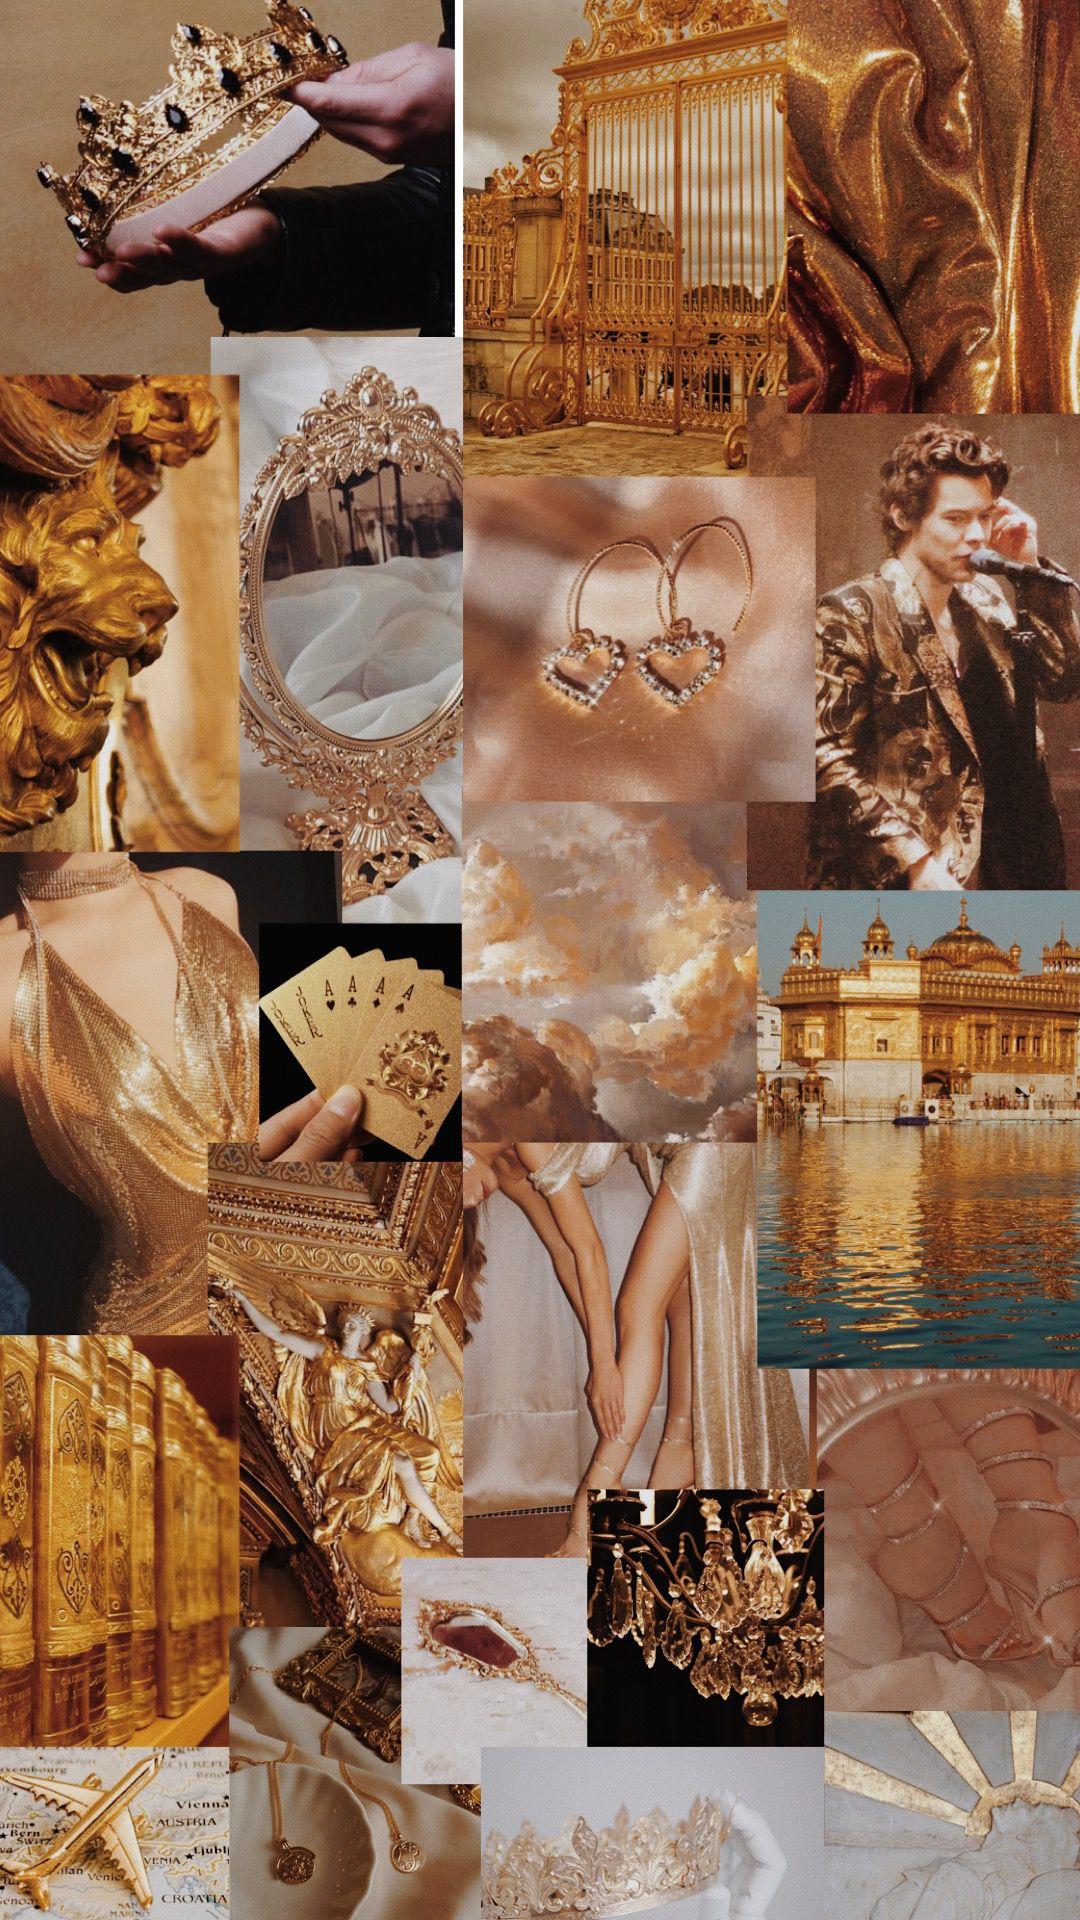 Gold Aesthetic Aesthetic Desktop Wallpaper Golden Wallpaper Gold Wallpaper Aesthetic background wallpaper golden